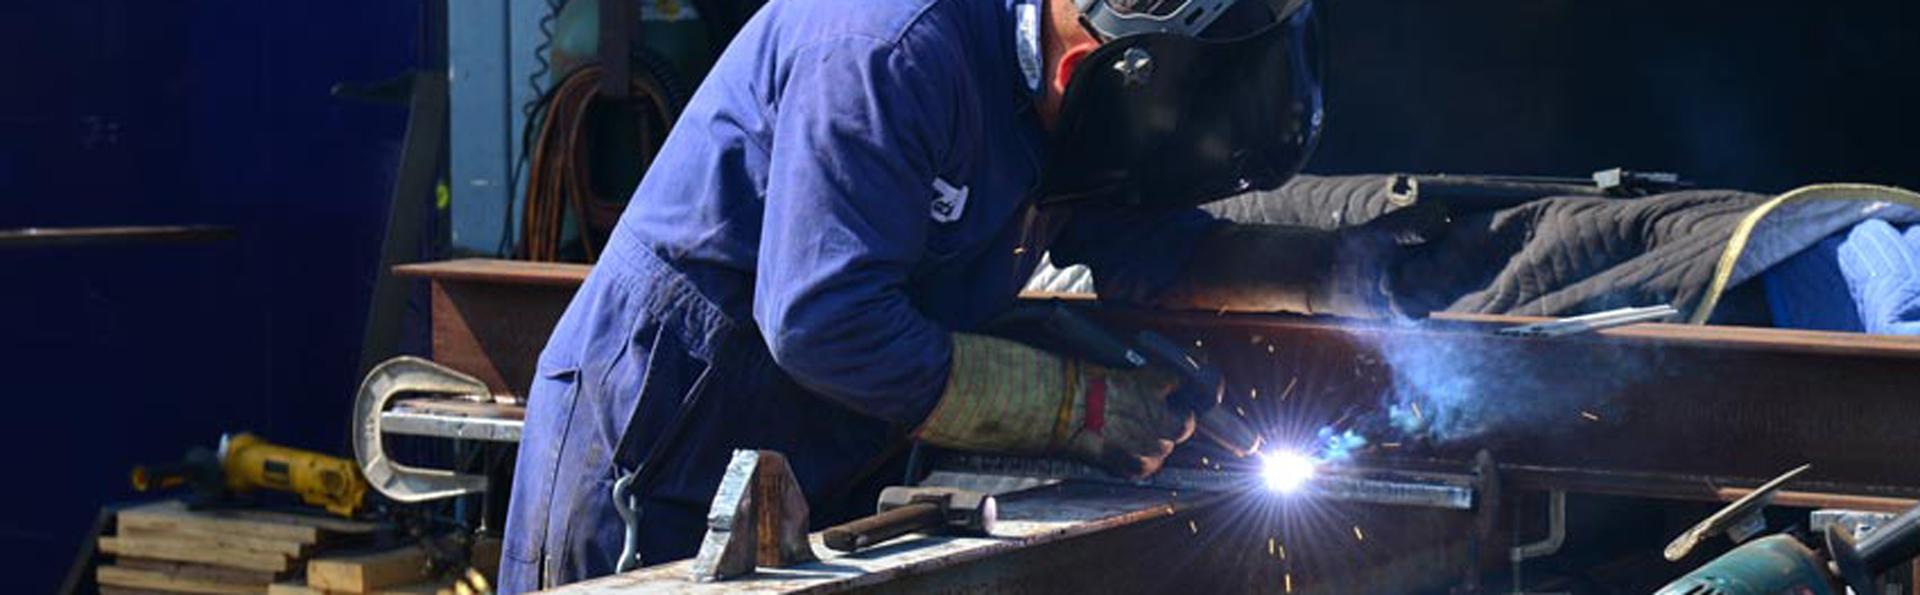 EEE Machinery Welding